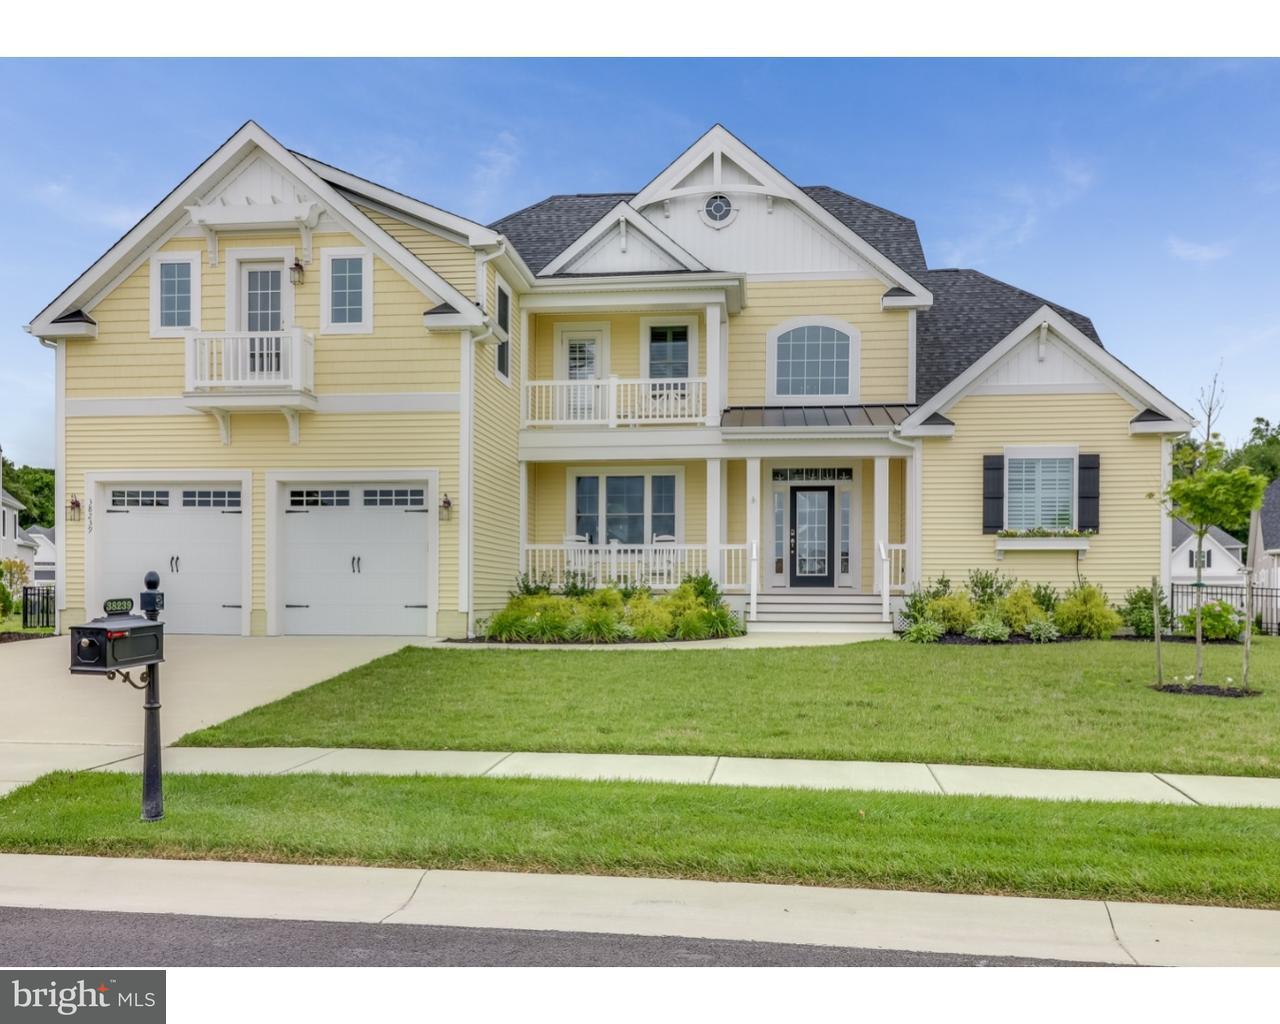 独户住宅 为 销售 在 38239 COMEGYS 刘易斯, 特拉华州 19958 美国